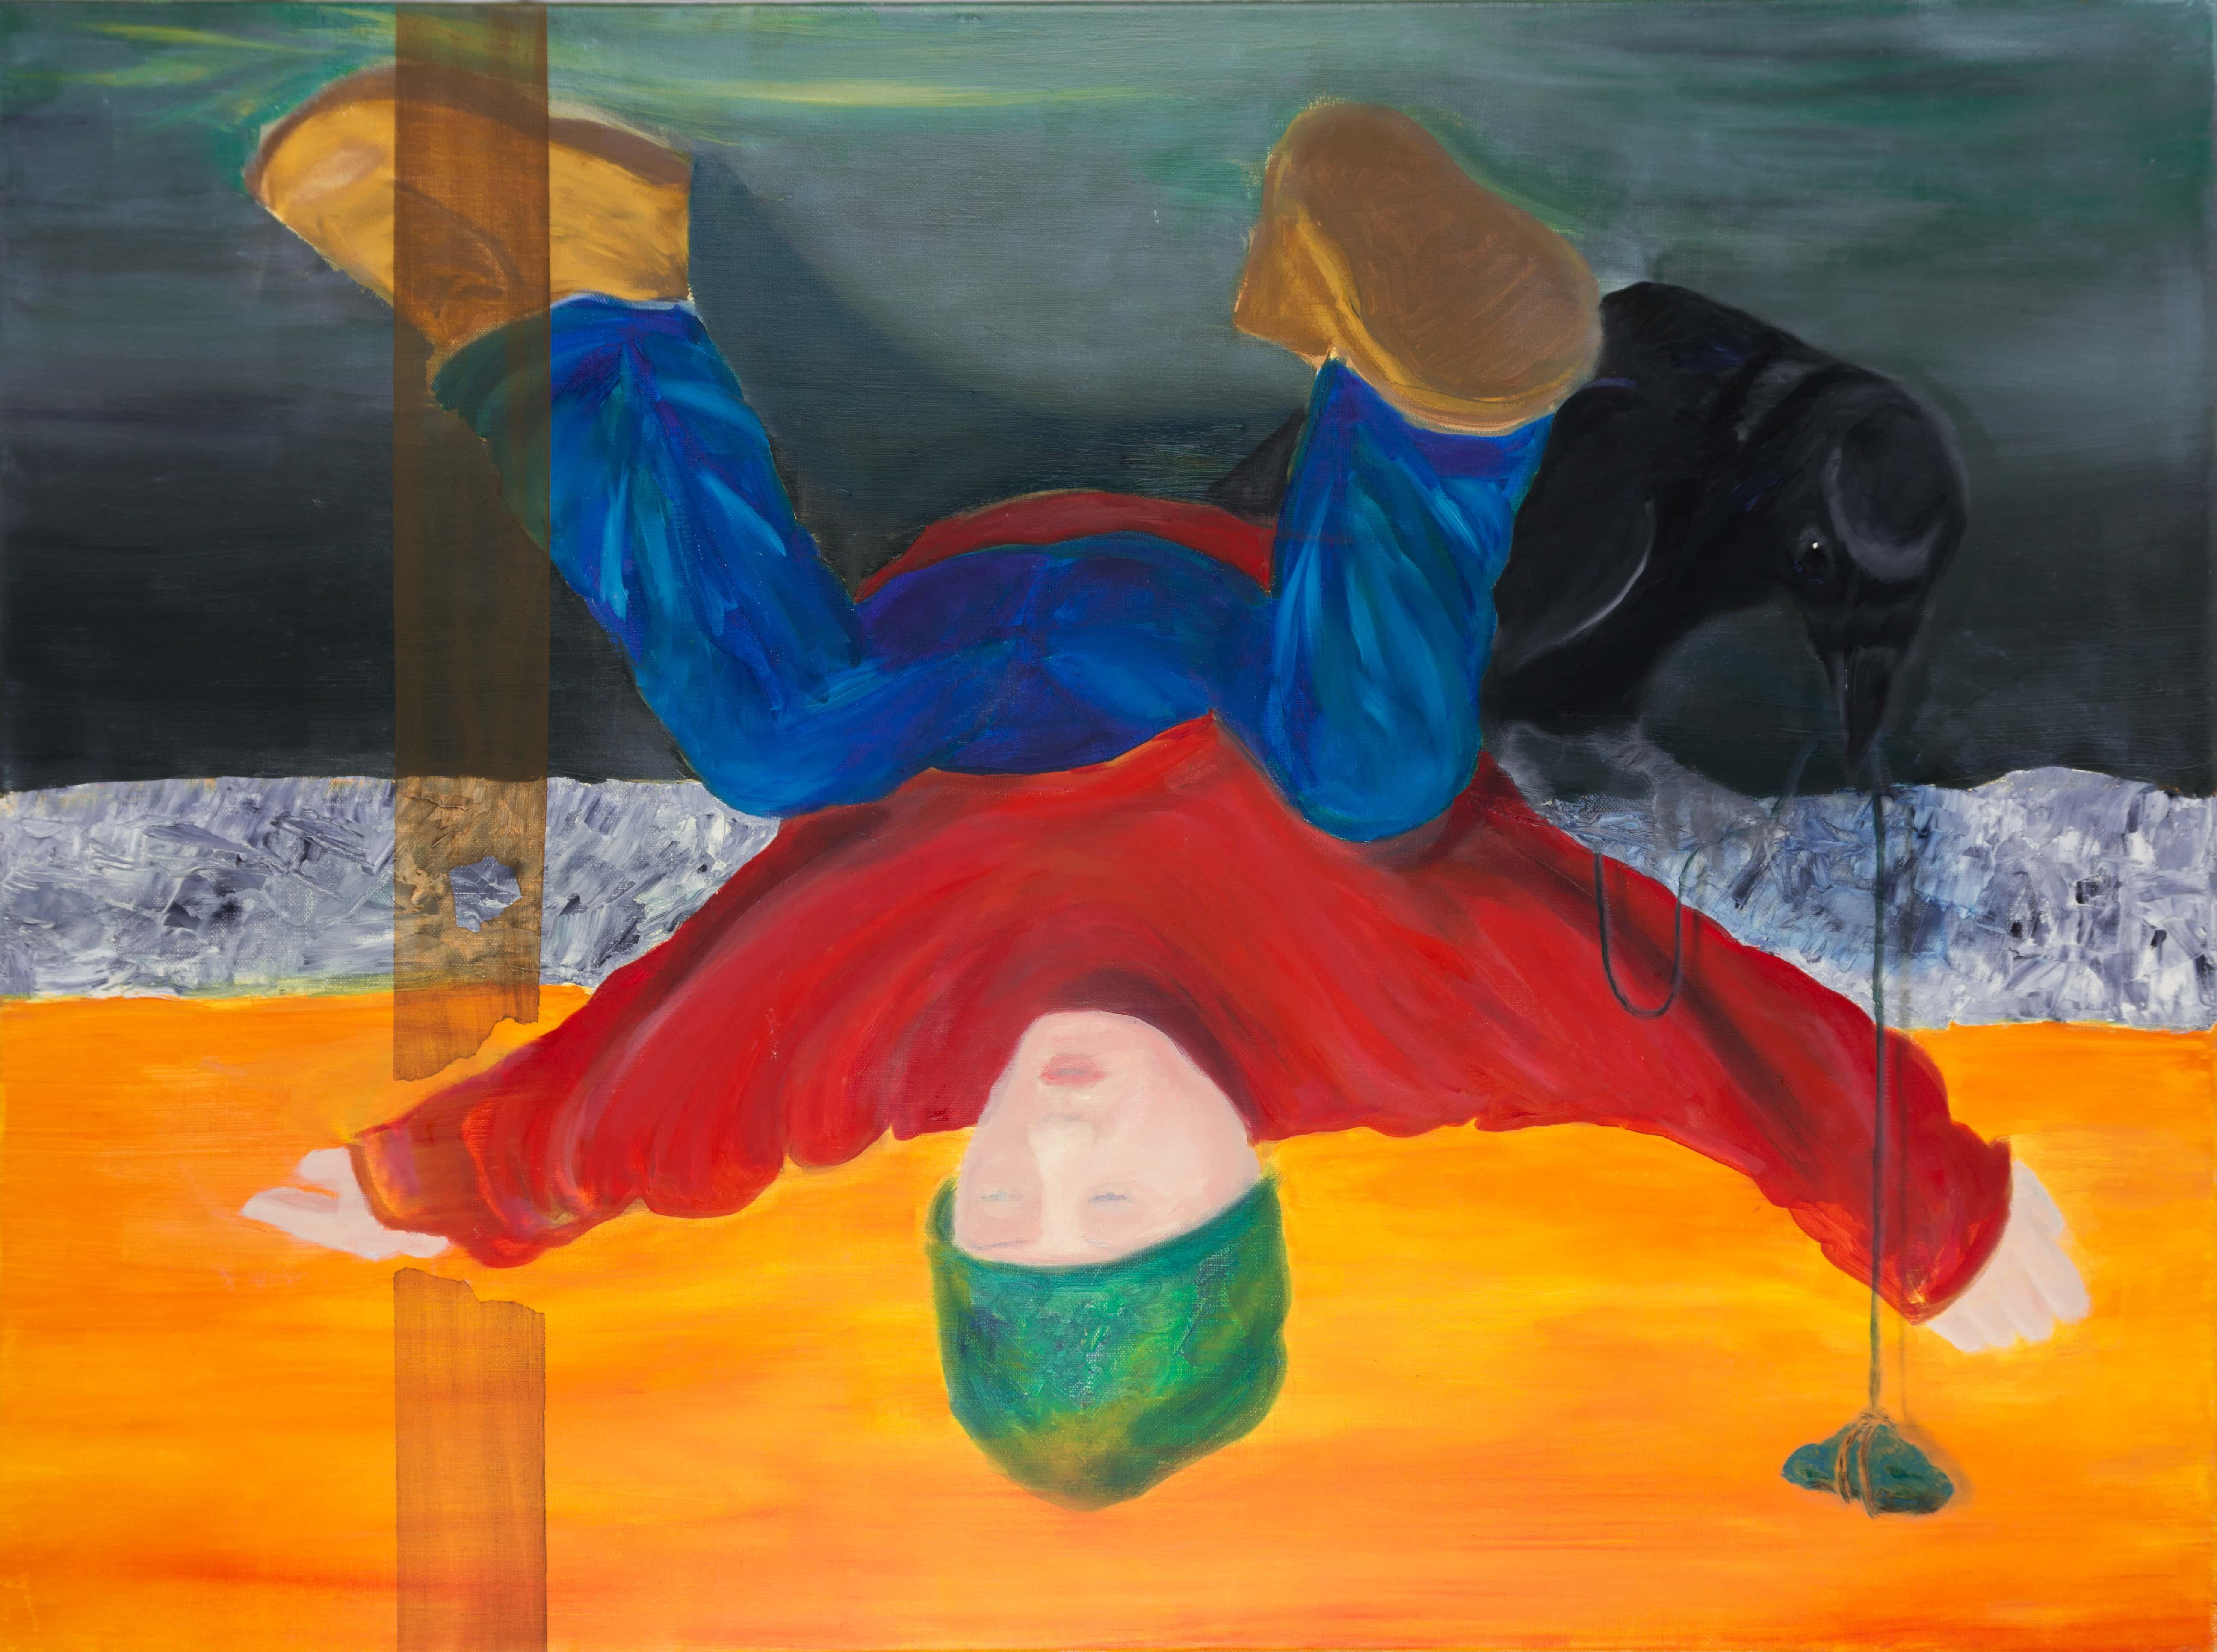 Malerei, Öl auf Leinwand, 80cm x 60cm, Figur kopfüber hängend mit Raben, artist: Franziska King